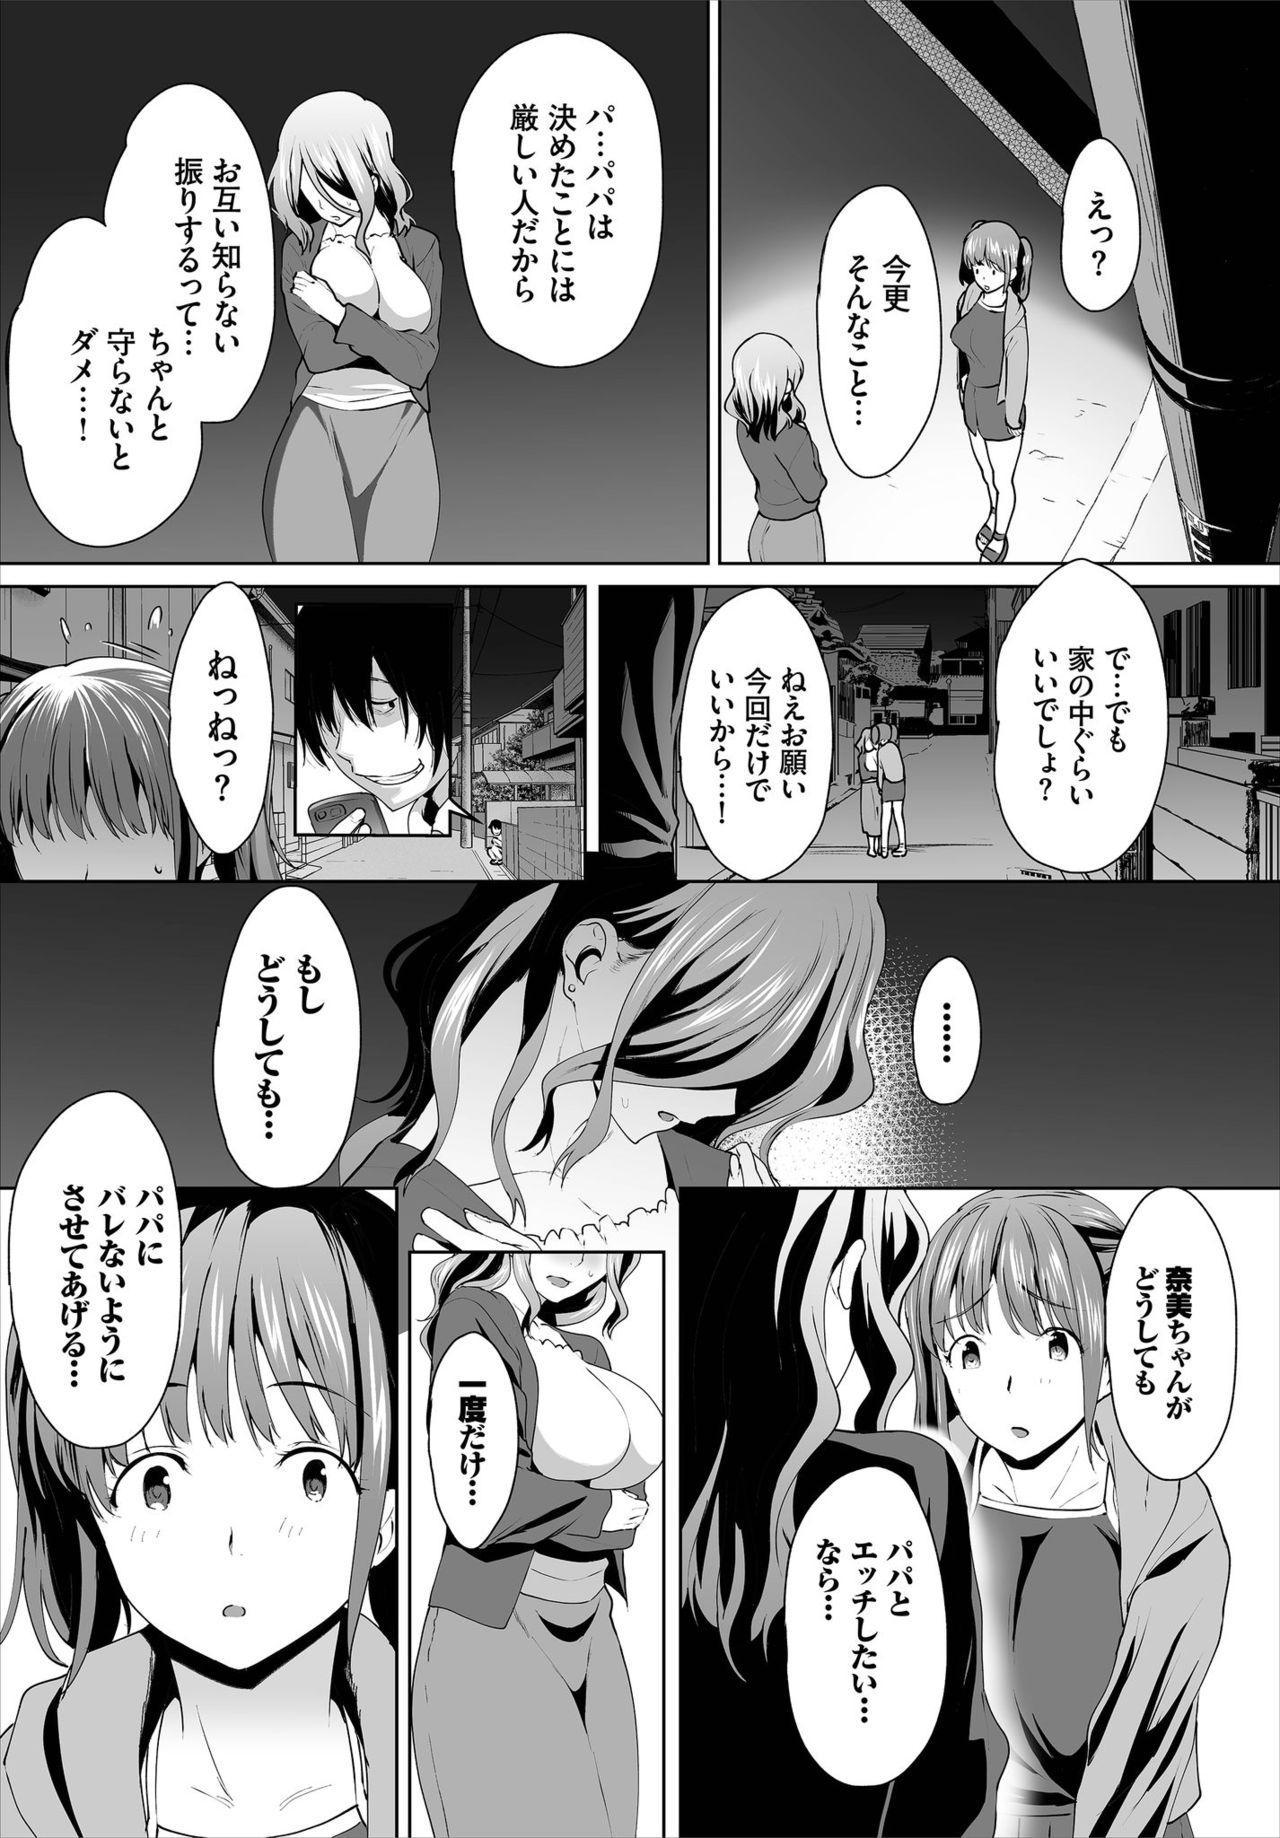 Zessan Haishinchuu Gibo Nikubenki Keikaku! Ch. 6-9 29